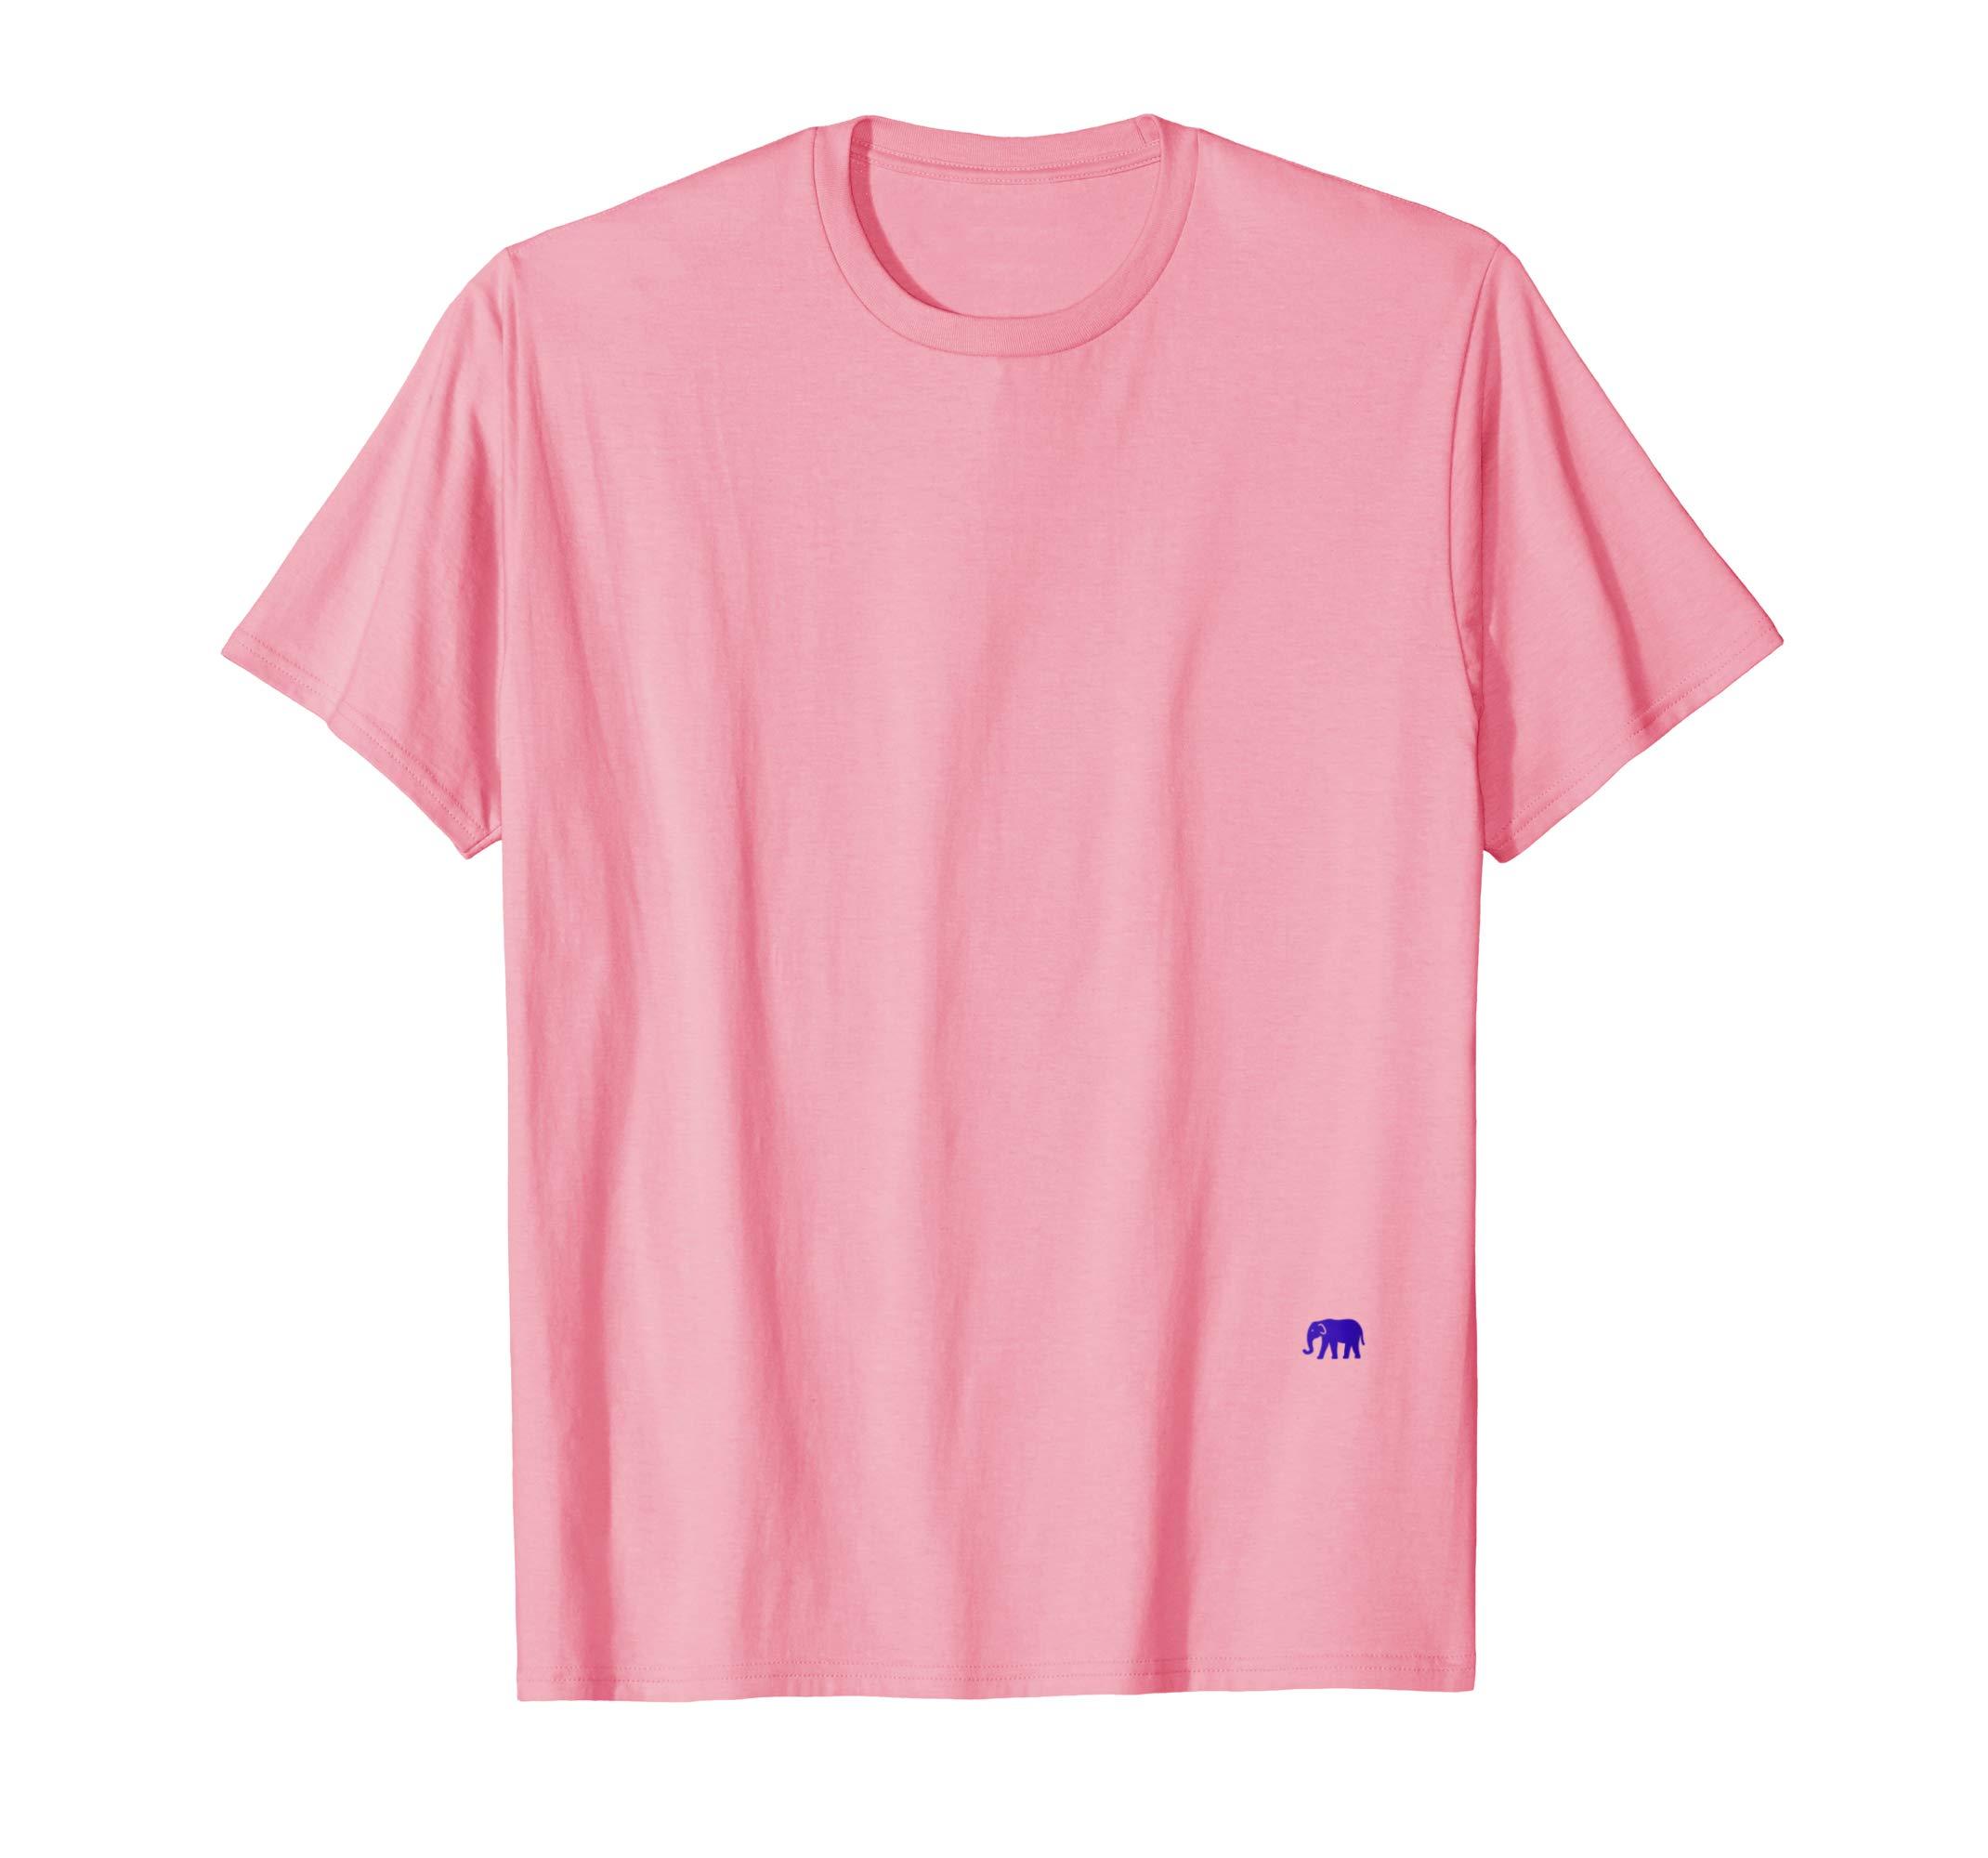 Amazon.com: Plain Pink T Shirts For Men, Women, Boys, Girls.